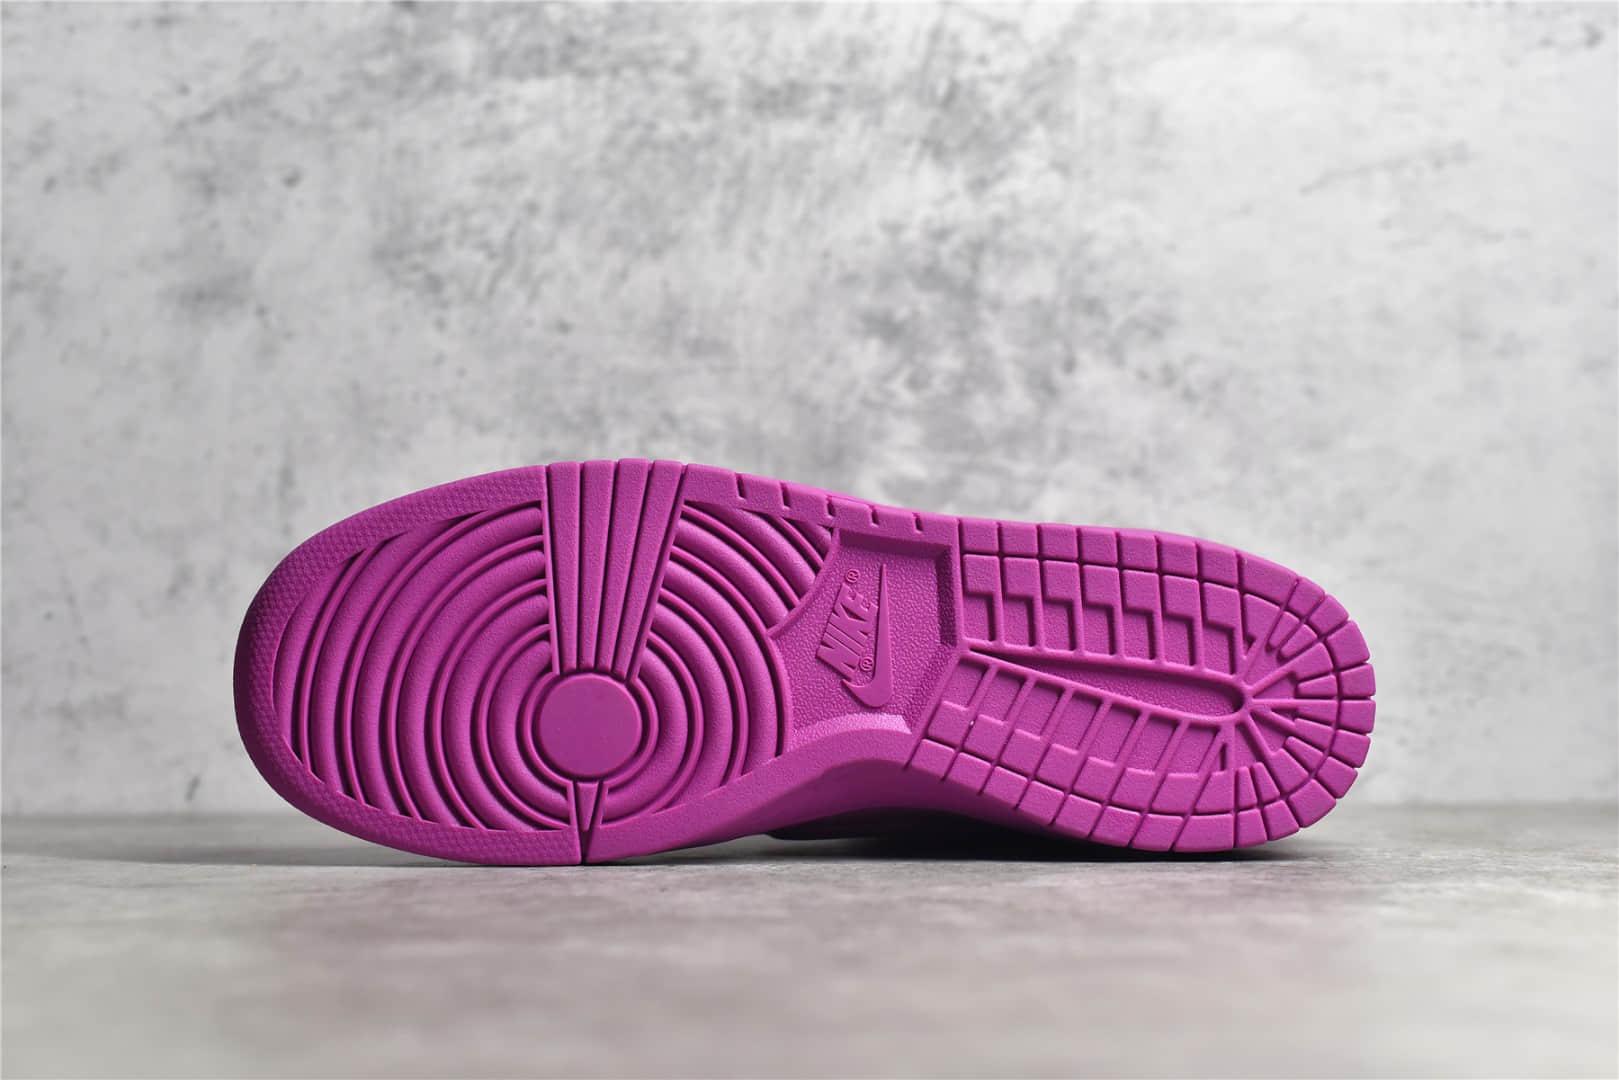 耐克Dunk AMBUSH联名款 AMBUSH x Nike Dunk High 耐克粉色高帮板鞋 货号:CU7544-600-潮流者之家